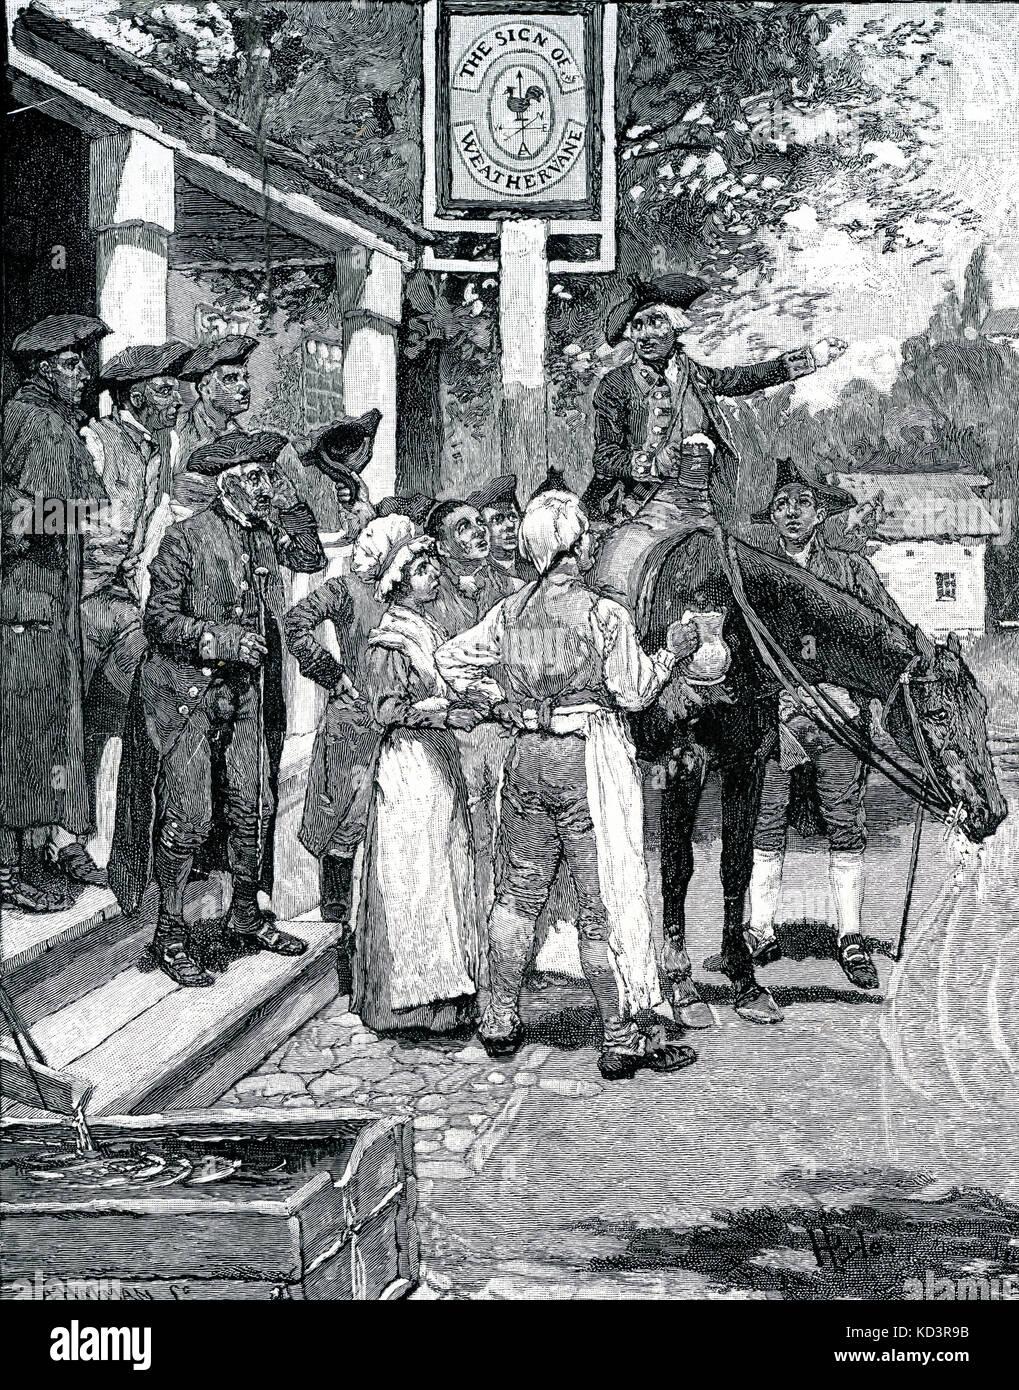 Le colonel Tench Tilghman (25 décembre 1744 – 18 avril 1786) transportant les documents de remise de la bataille de Yorktown au Congrès continental de Philadelphie, 1781, s'arrête au signe de la Weathervane pour diffuser les nouvelles de la victoire américaine. Révolution américaine. Illustration de Howard Pyle, 1896 Banque D'Images